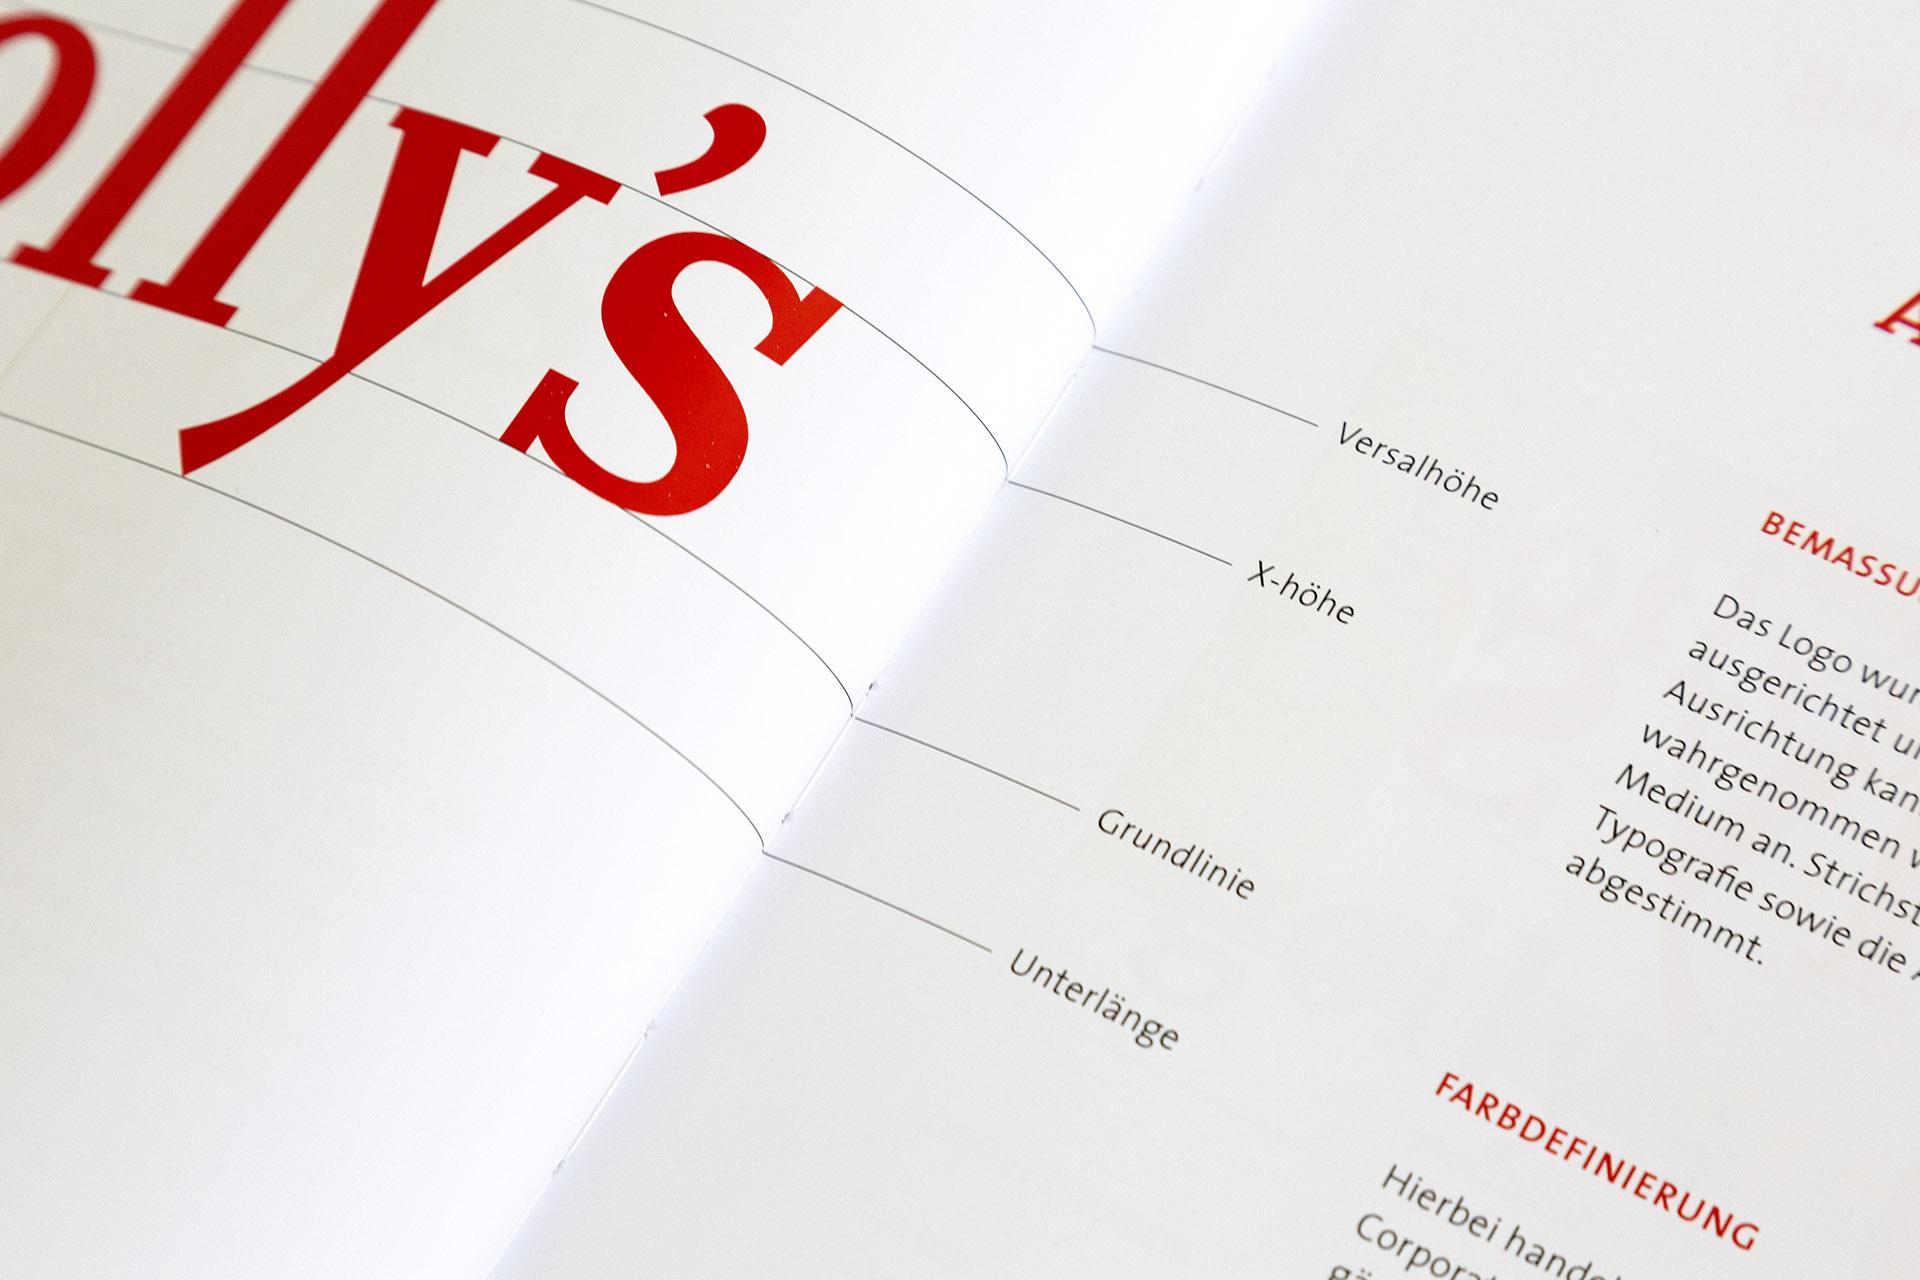 Design-Manual, Gollys, Design, Fleischspezialitäten, Auckz, Münster, Bennet, Grüttner